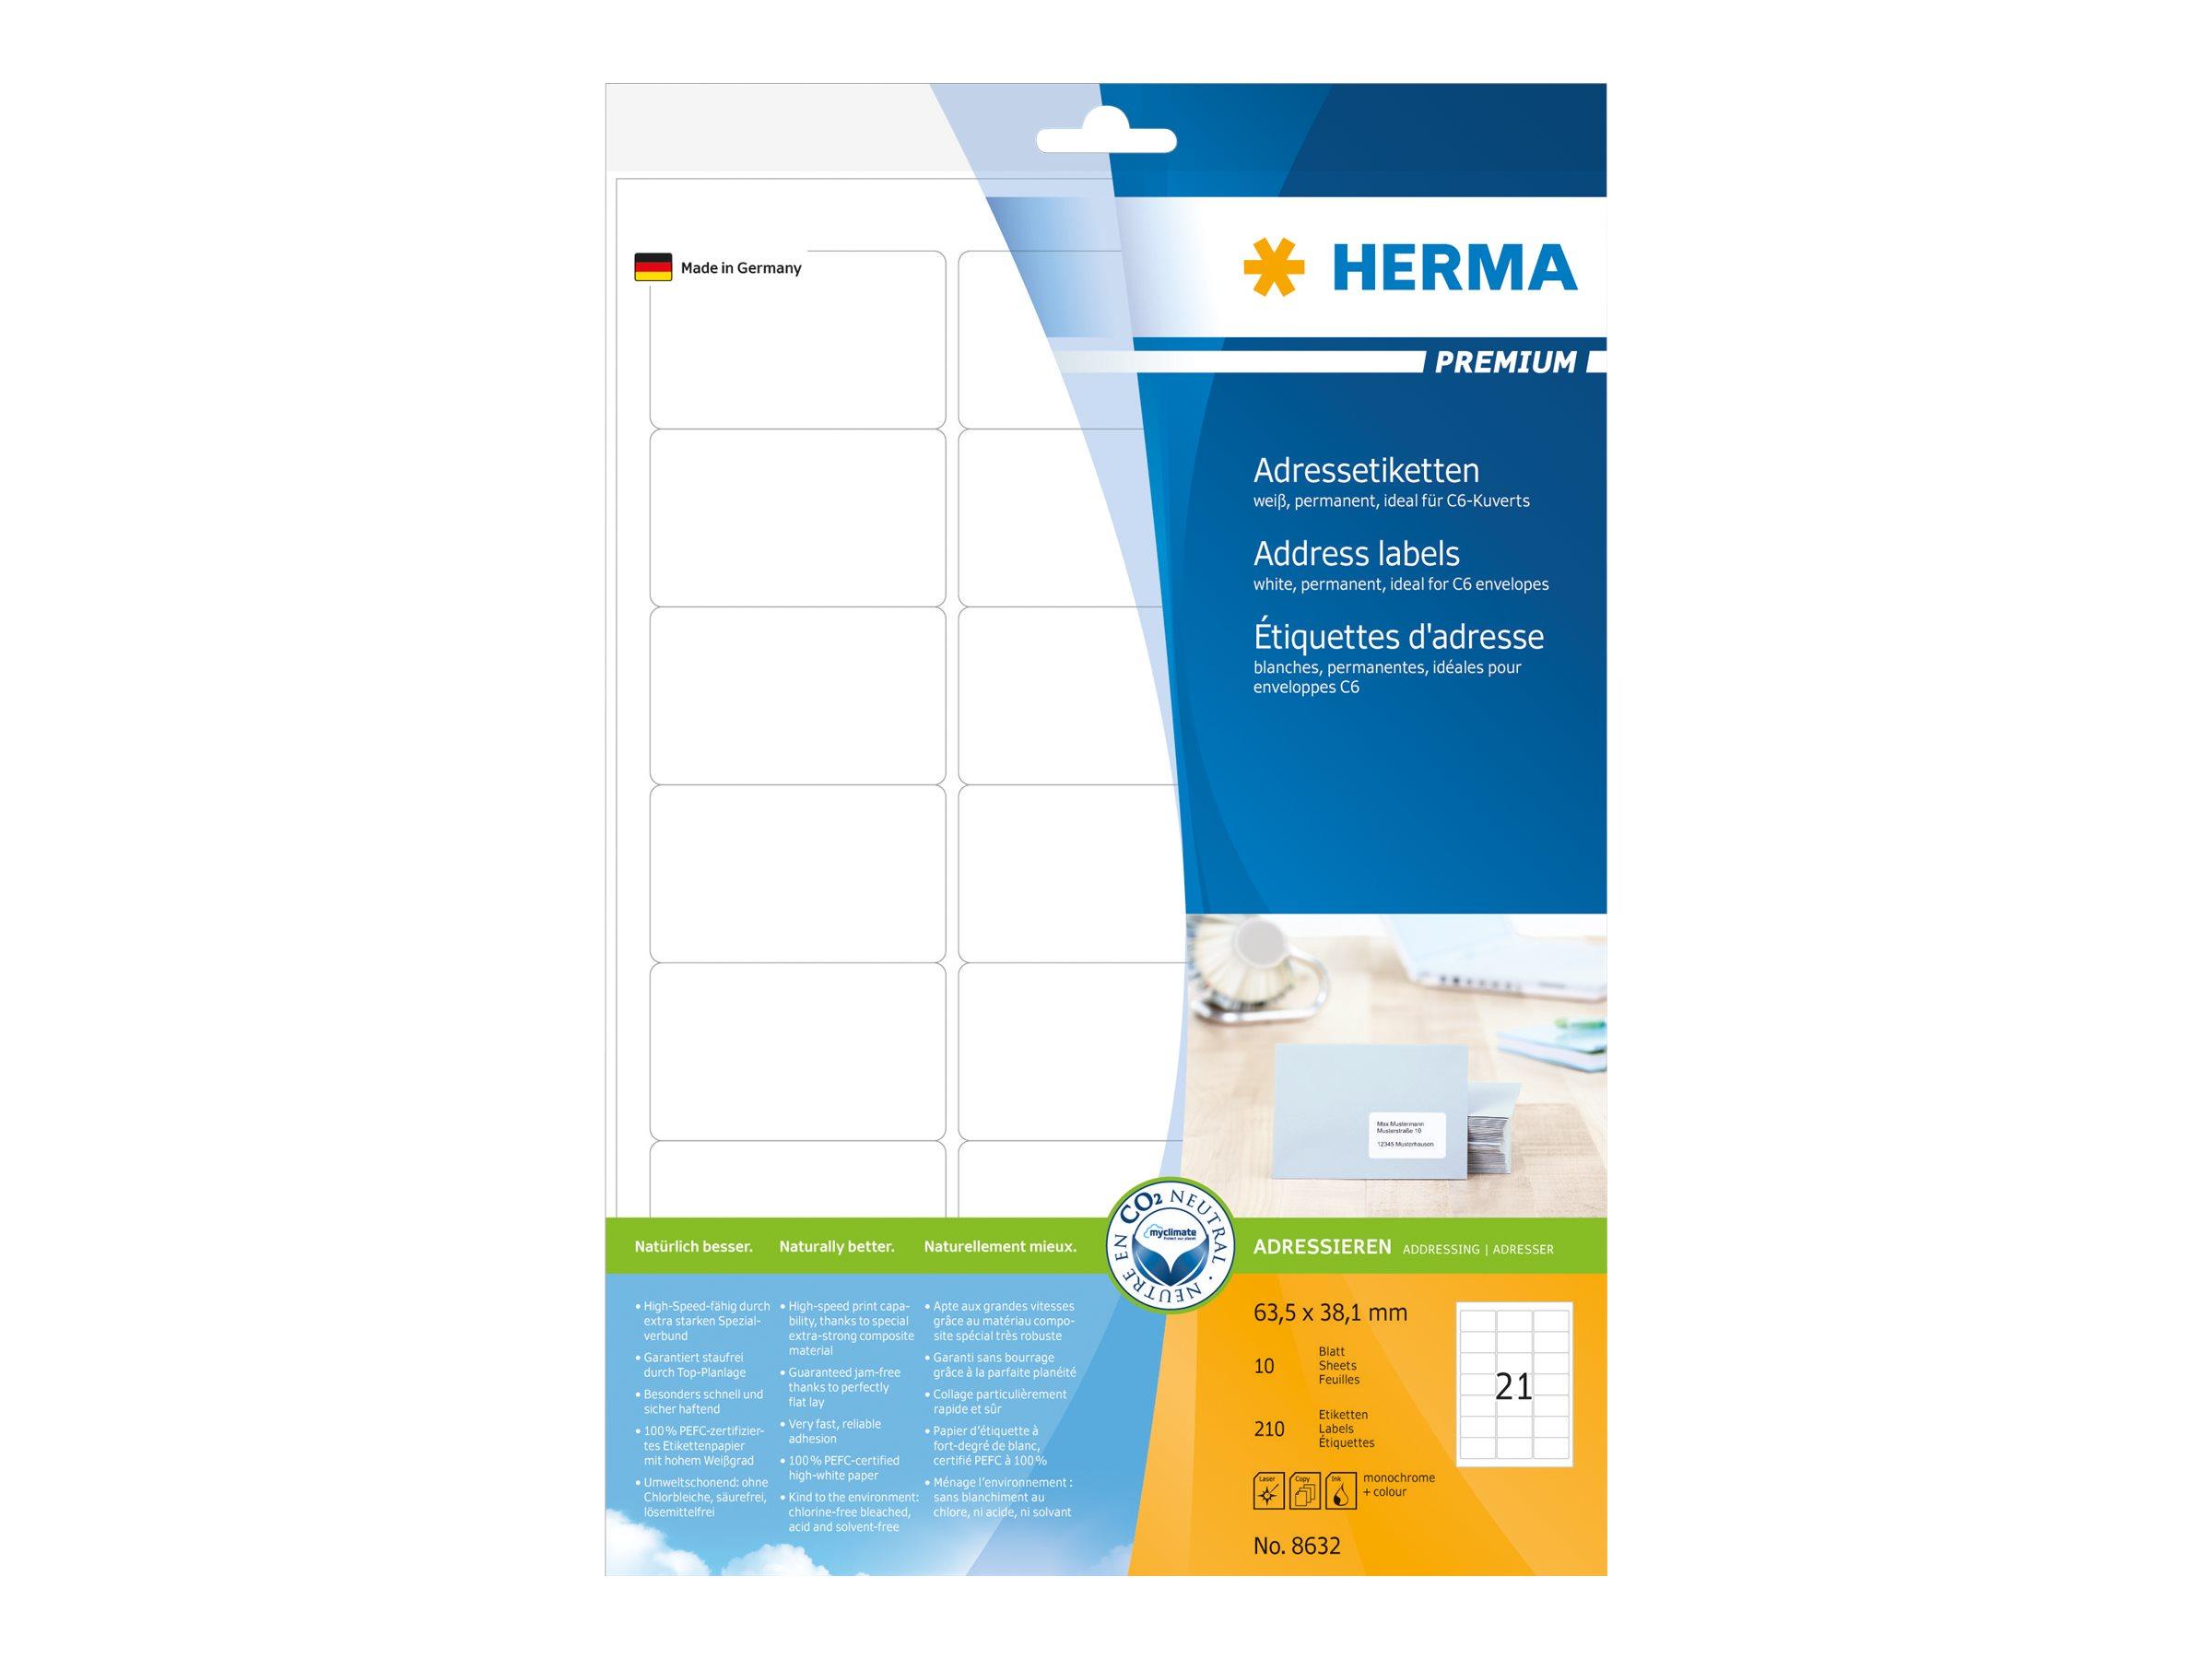 HERMA Premium - Papier - matt - permanent selbstklebend - weiß - 63.5 x 38.1 mm 210 Etikett(en) (10 Bogen x 21)